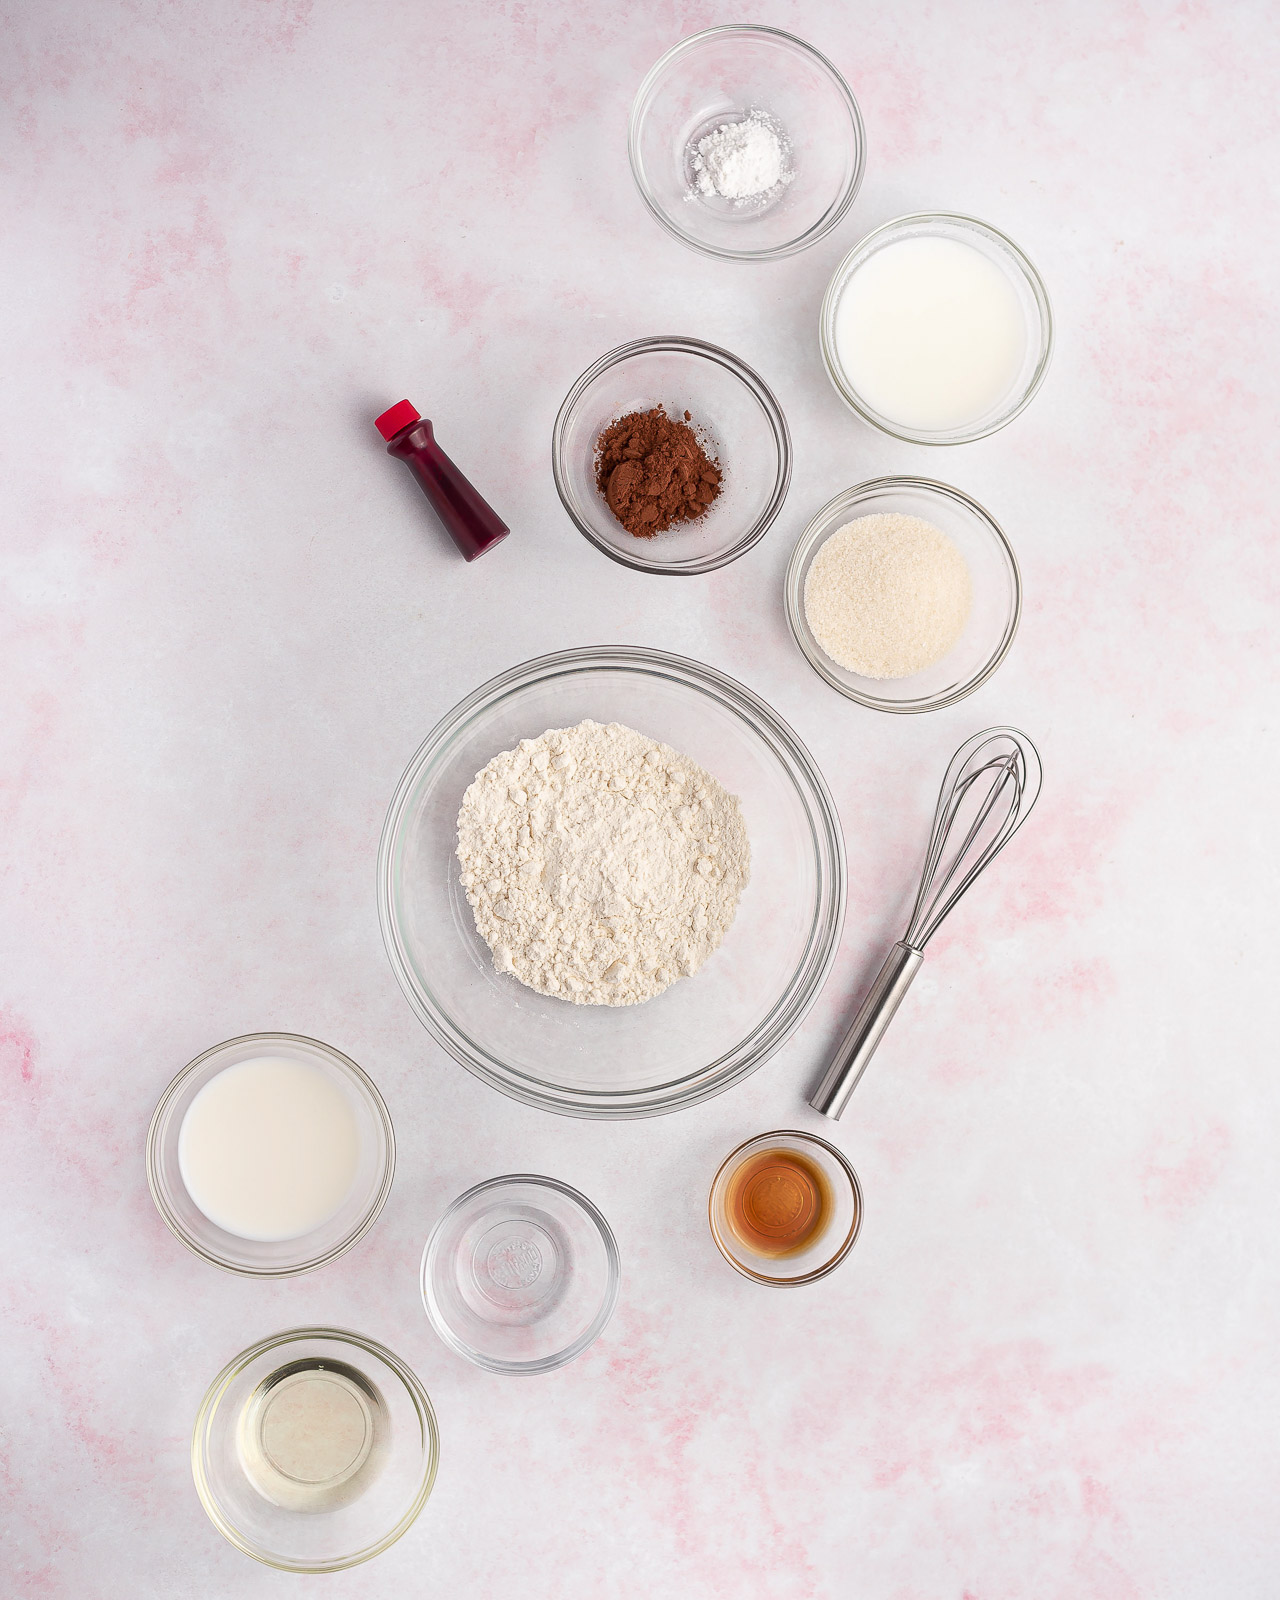 ingredients for red velvet mug cake